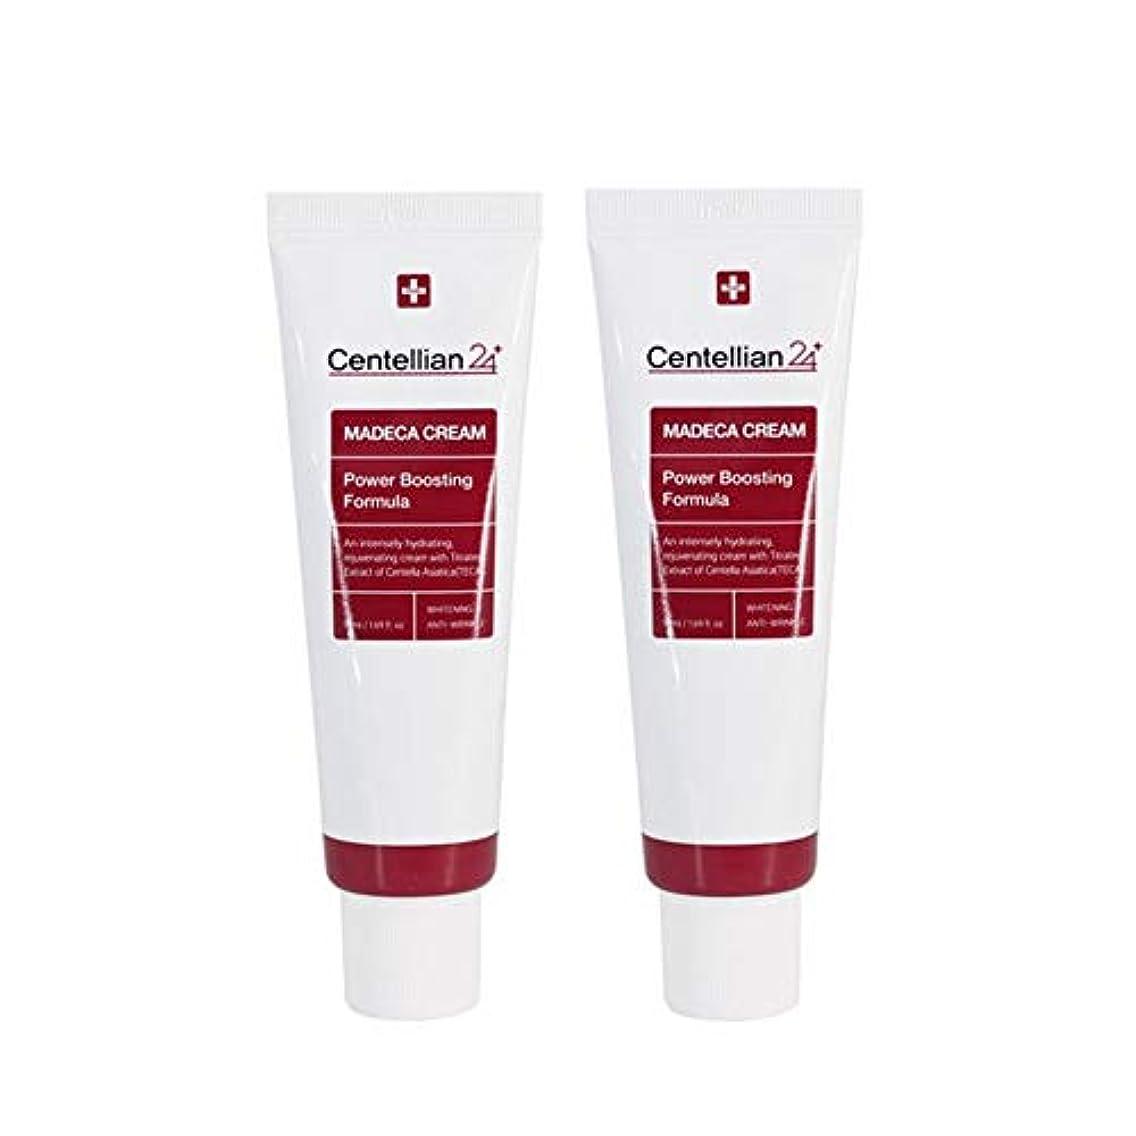 つま先建設勧告センテルリアン24マデカークリームパワーブスティングフォーミュラ50mlx2本セット東国韓国コスメ 、Centellian24 Madeca Cream Power Boosting Formula 50ml x 2ea Set Dongkook Korean Cosmetics [並行輸入品]